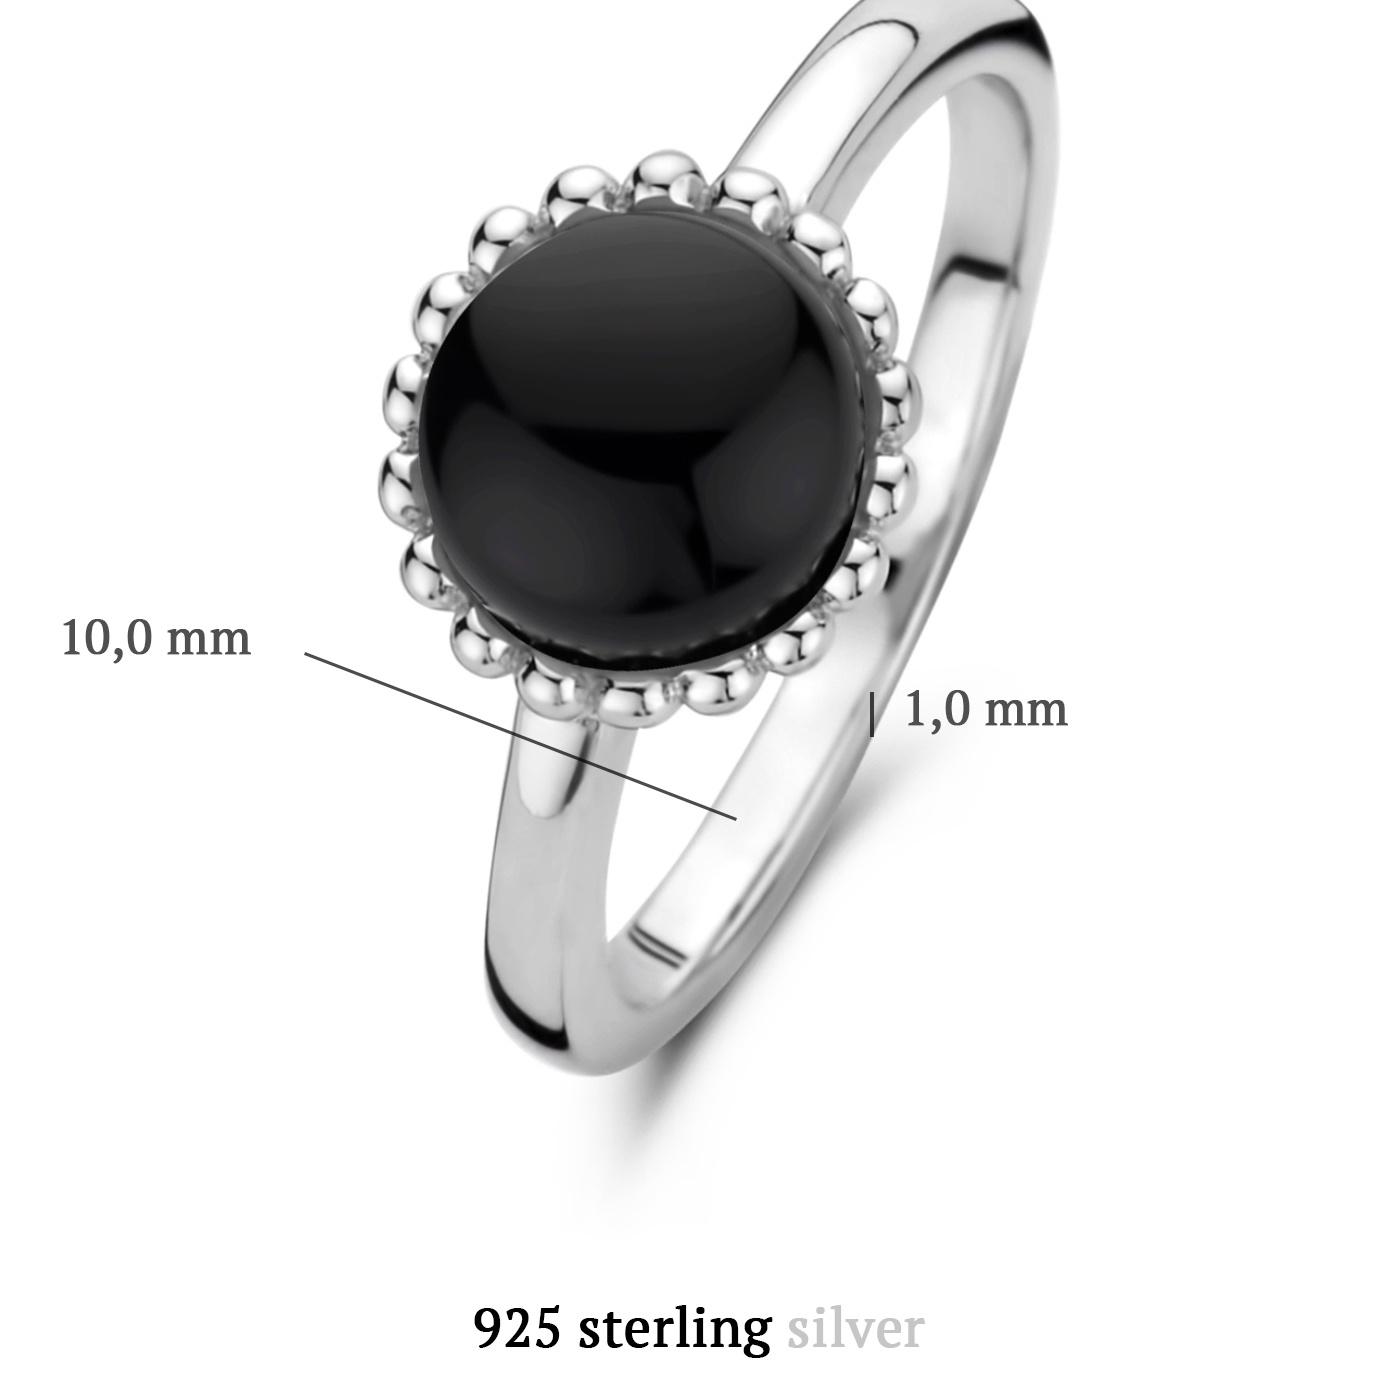 Parte di Me Brioso Cortona Margaretha 925 sterling silver ring with black onyx